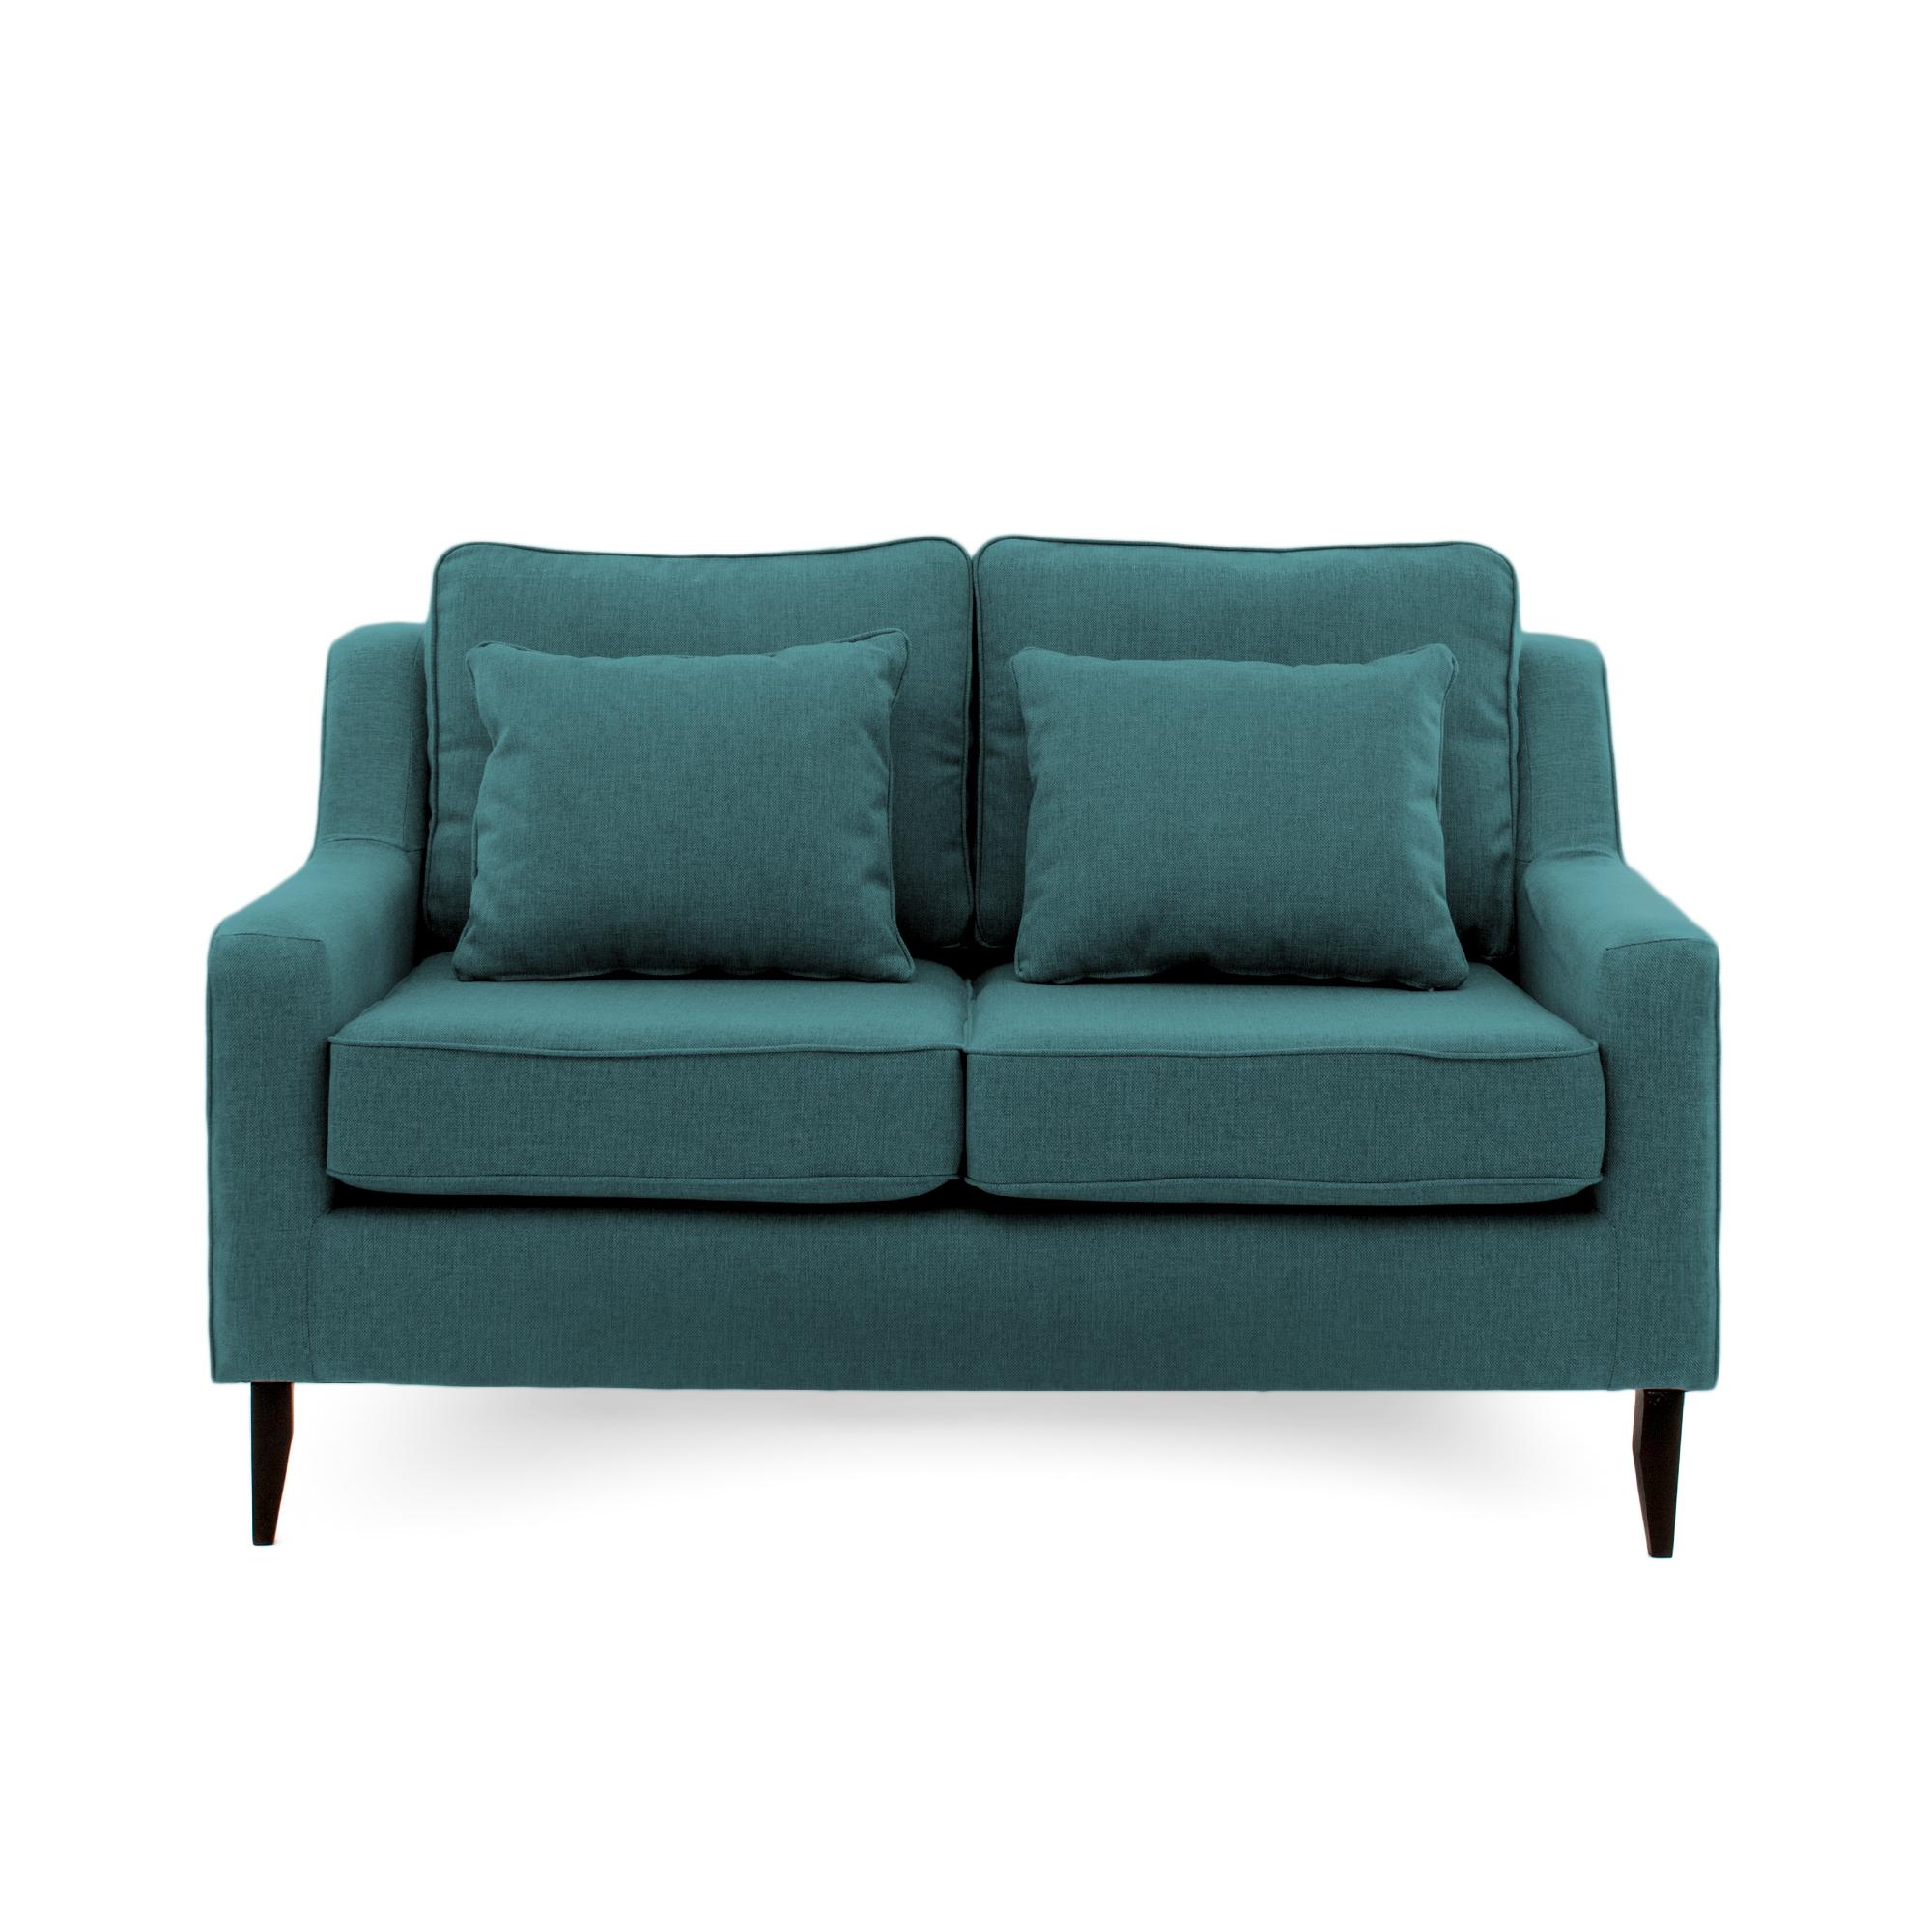 Canapea Fixa 2 locuri Bond Turquoise